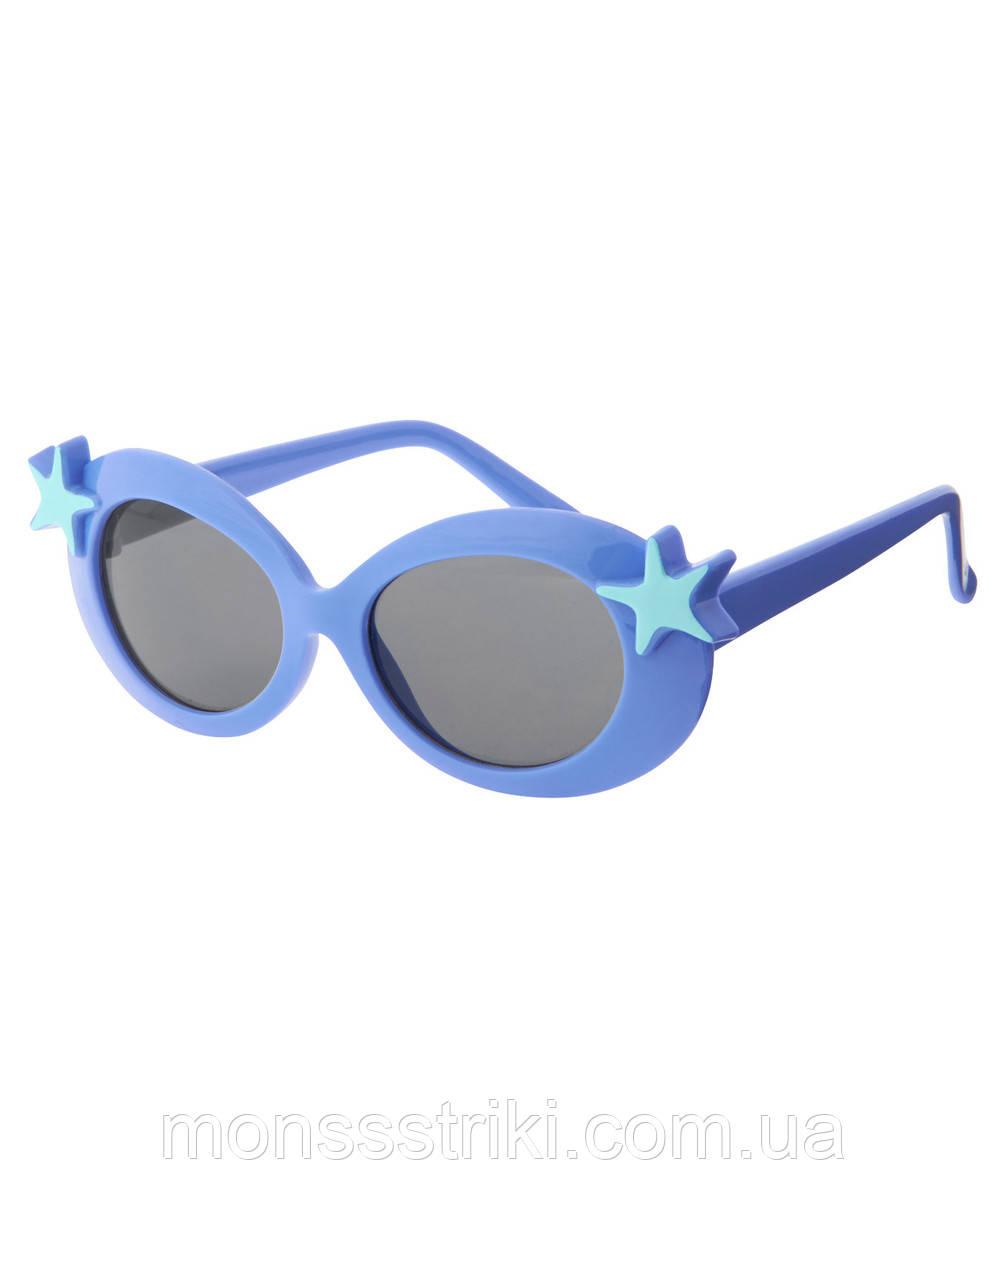 """Детские солнцезащитные очки для девочки. 0-2, 2-4 года - Интернет-магазин  """"Monssstriki в Киеве"""